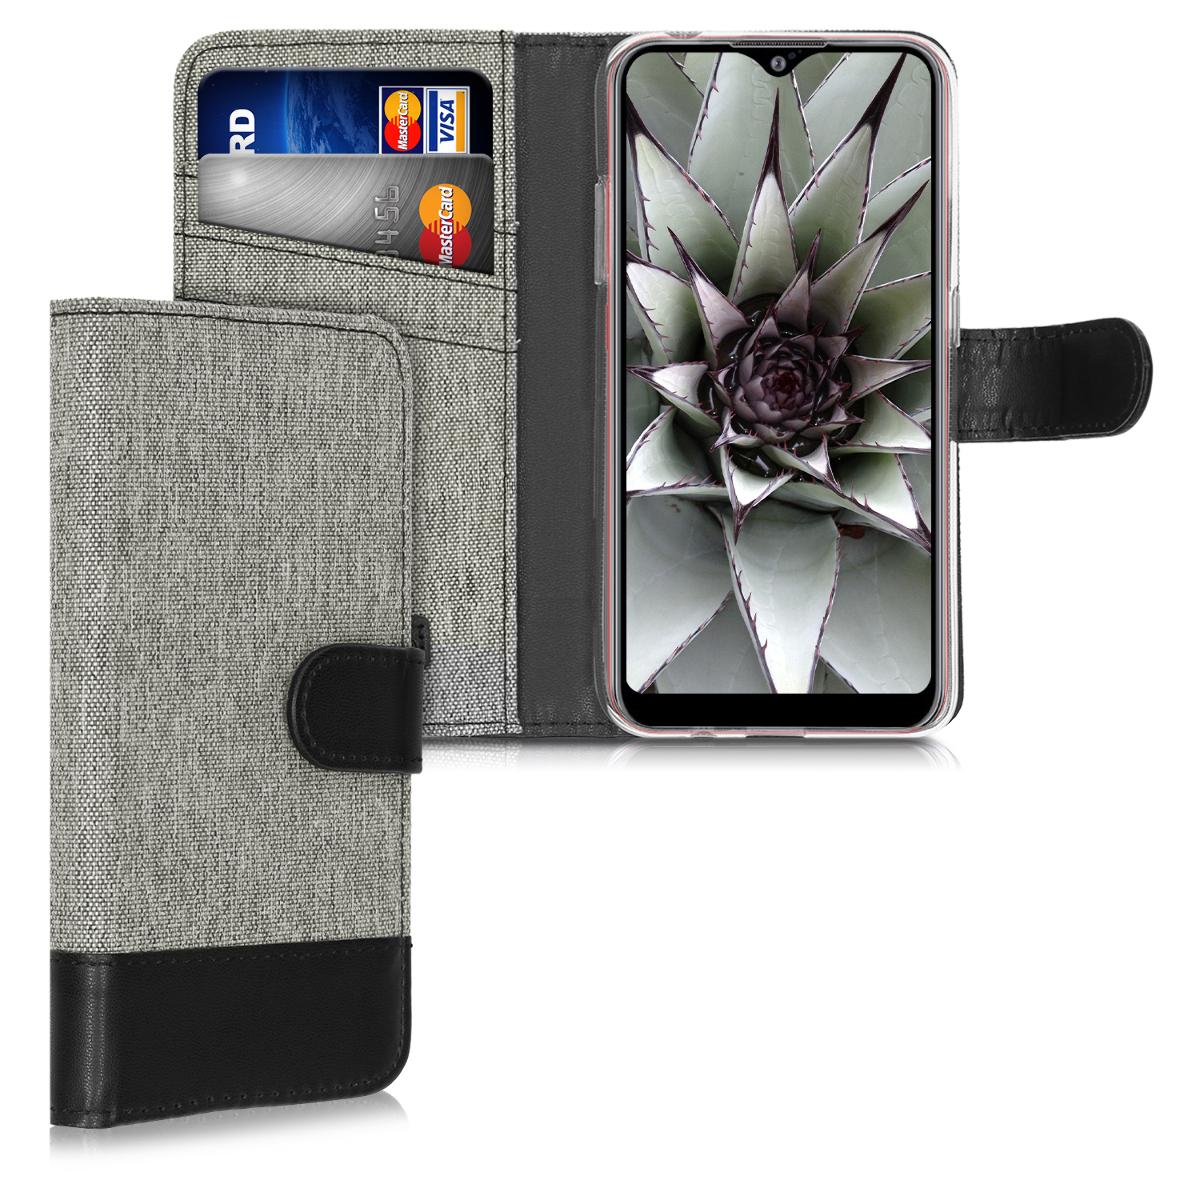 Fabricpouzdro pro Samsung A01 - šedé / černé